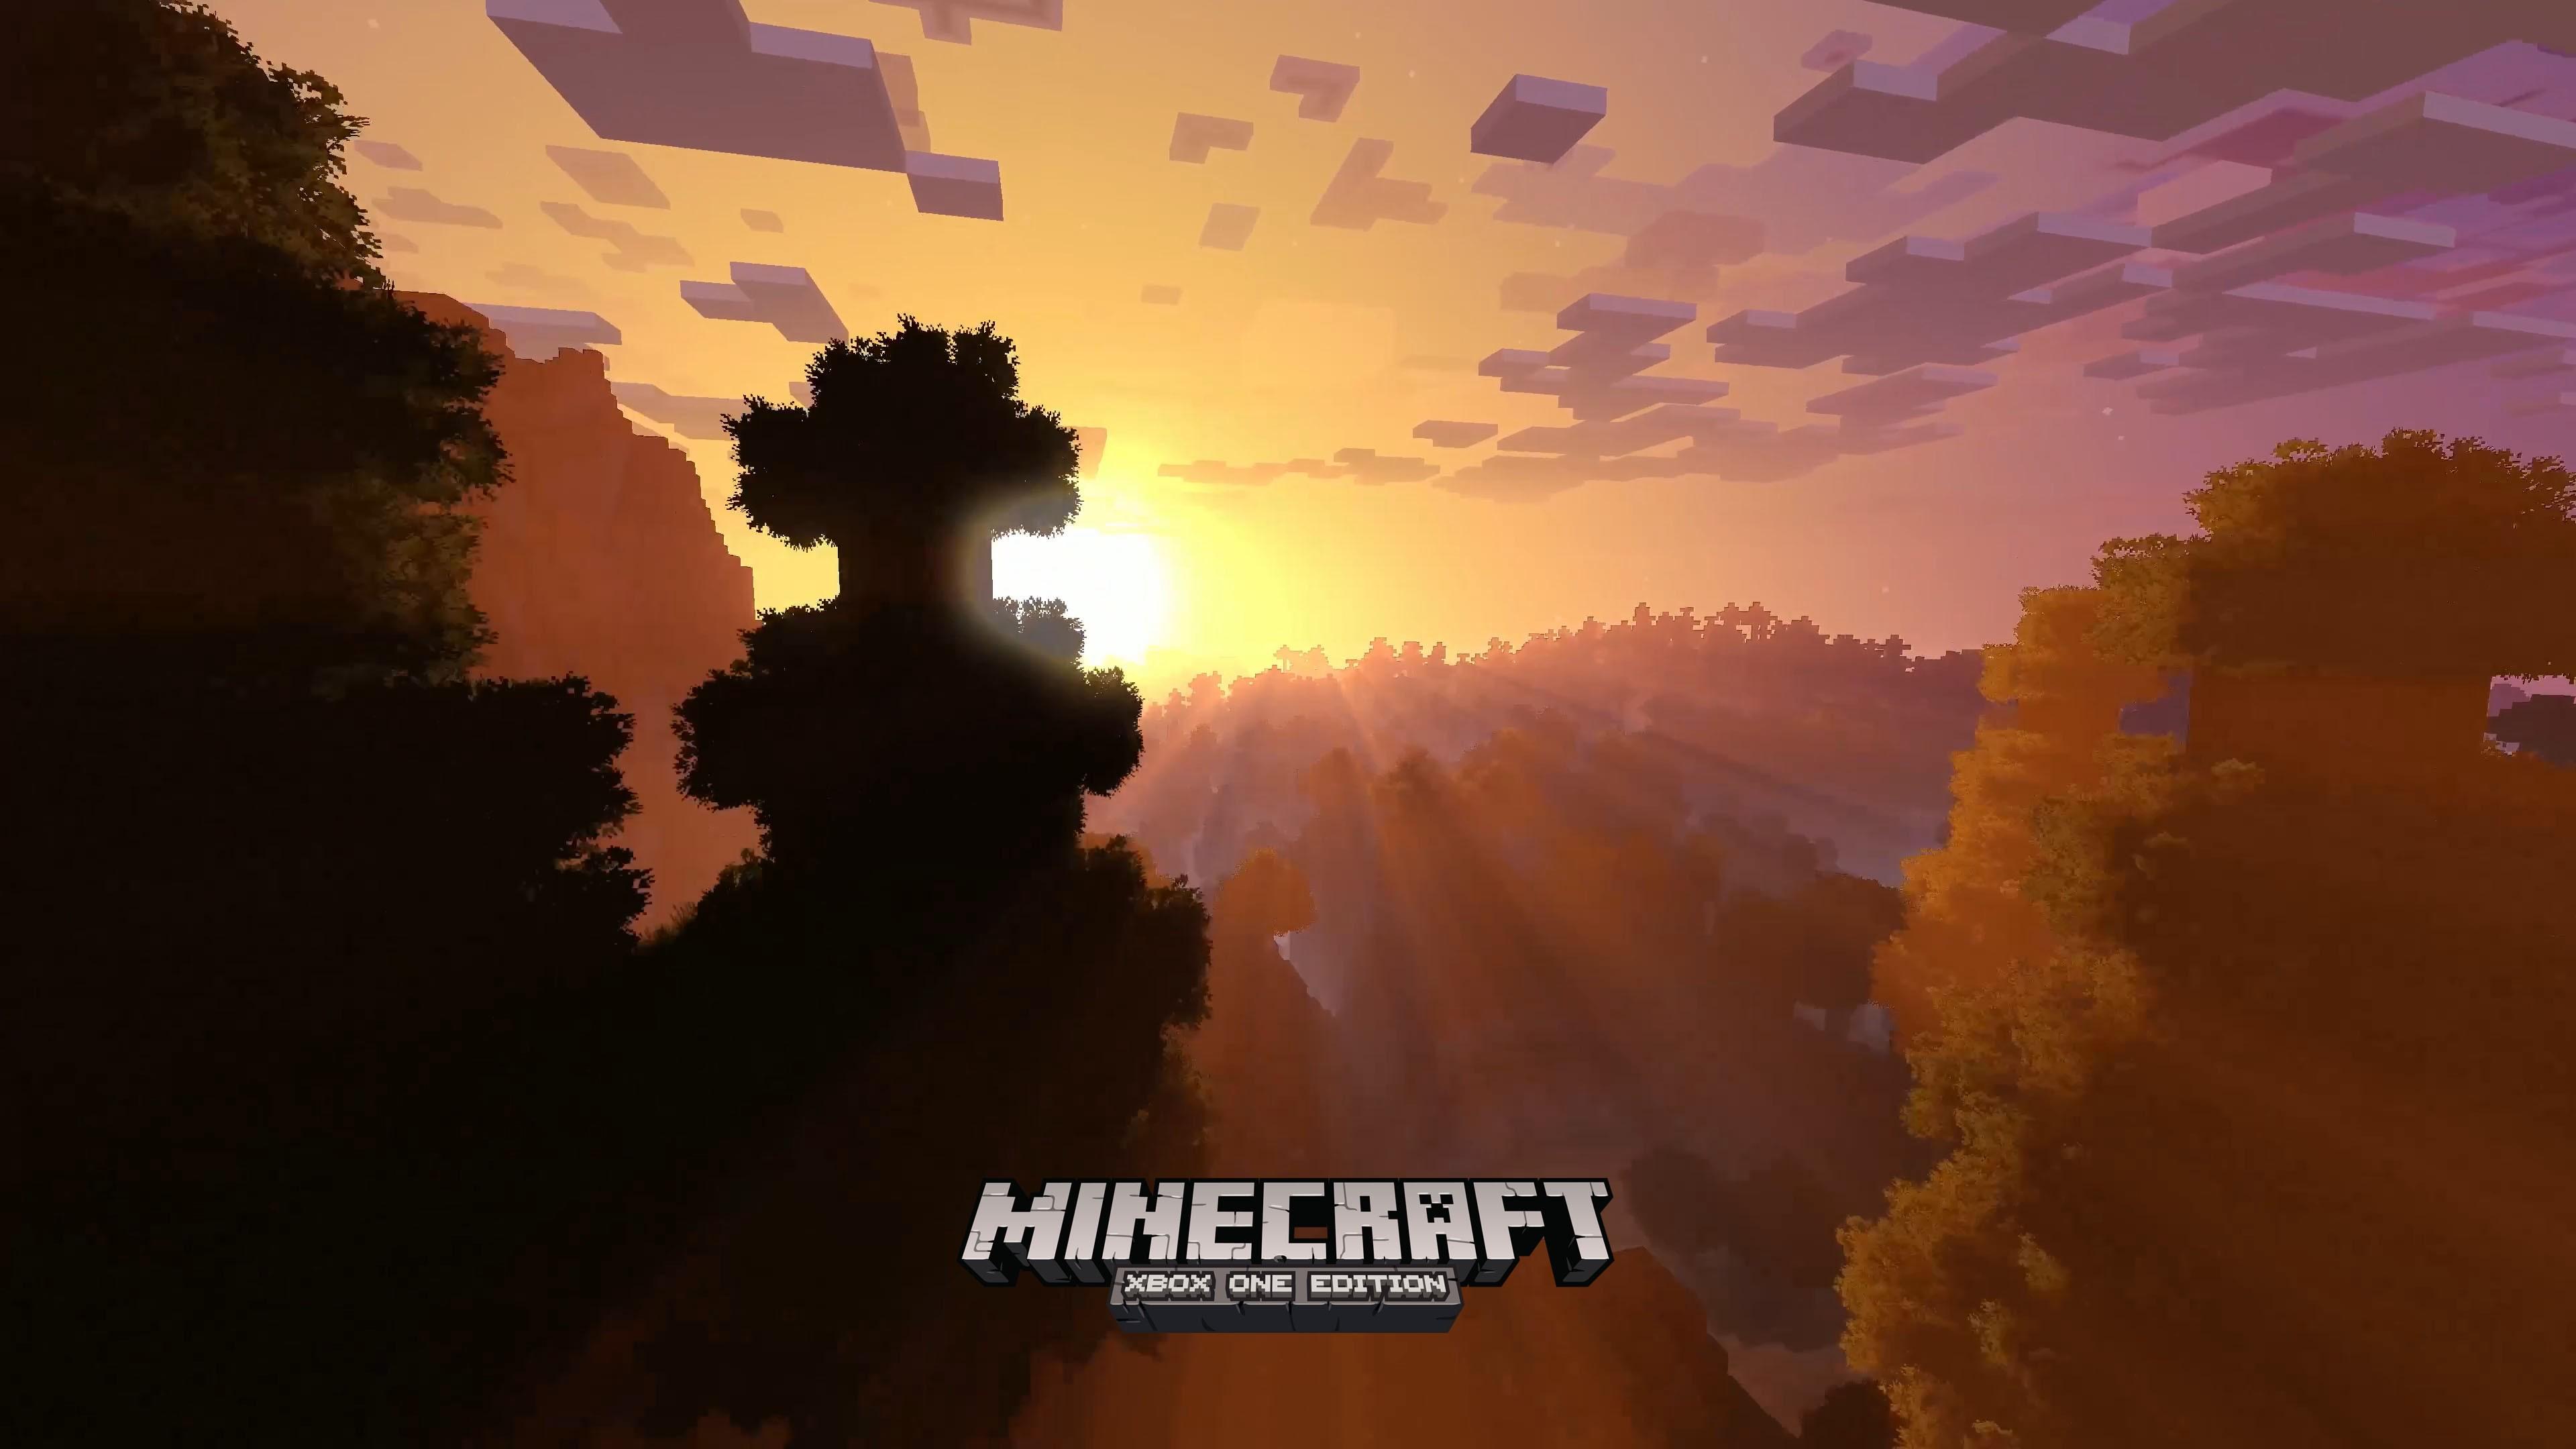 Wallpaper Minecraft 4k Edition E3 Xbox One X